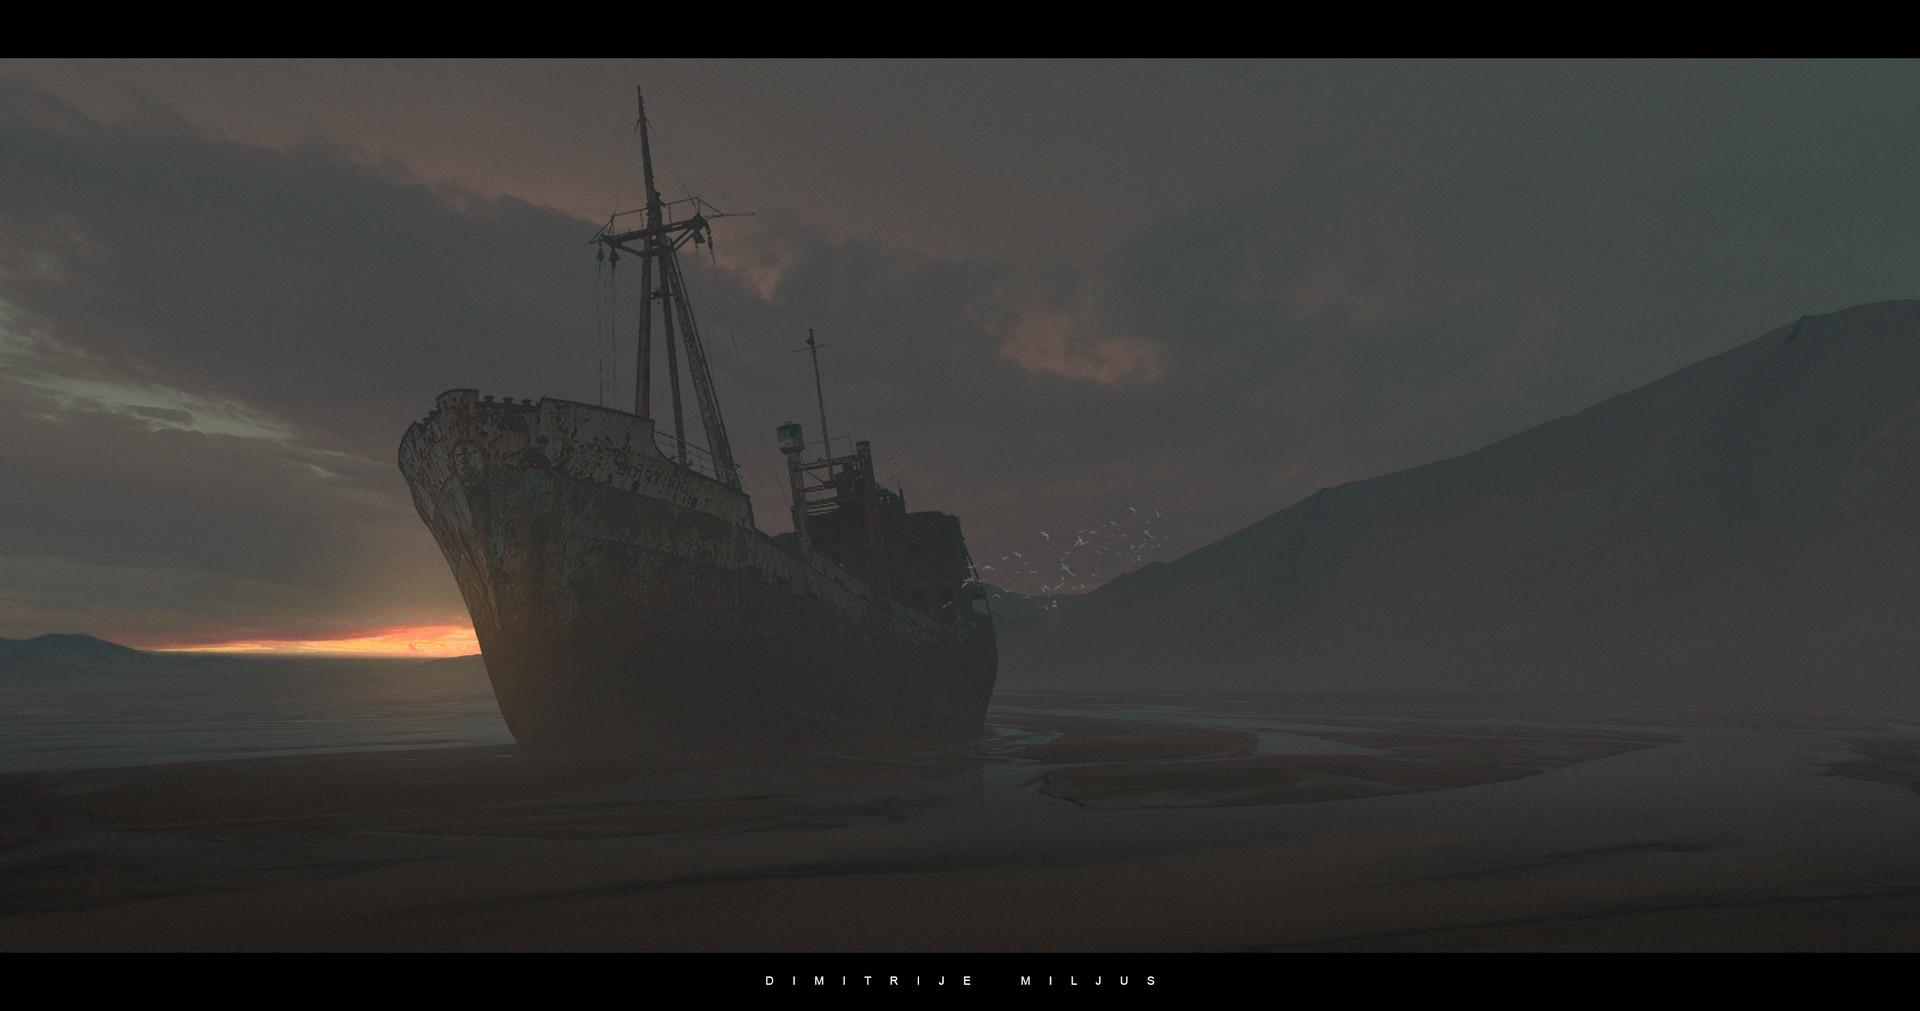 Dimitrije miljus dex shipsf